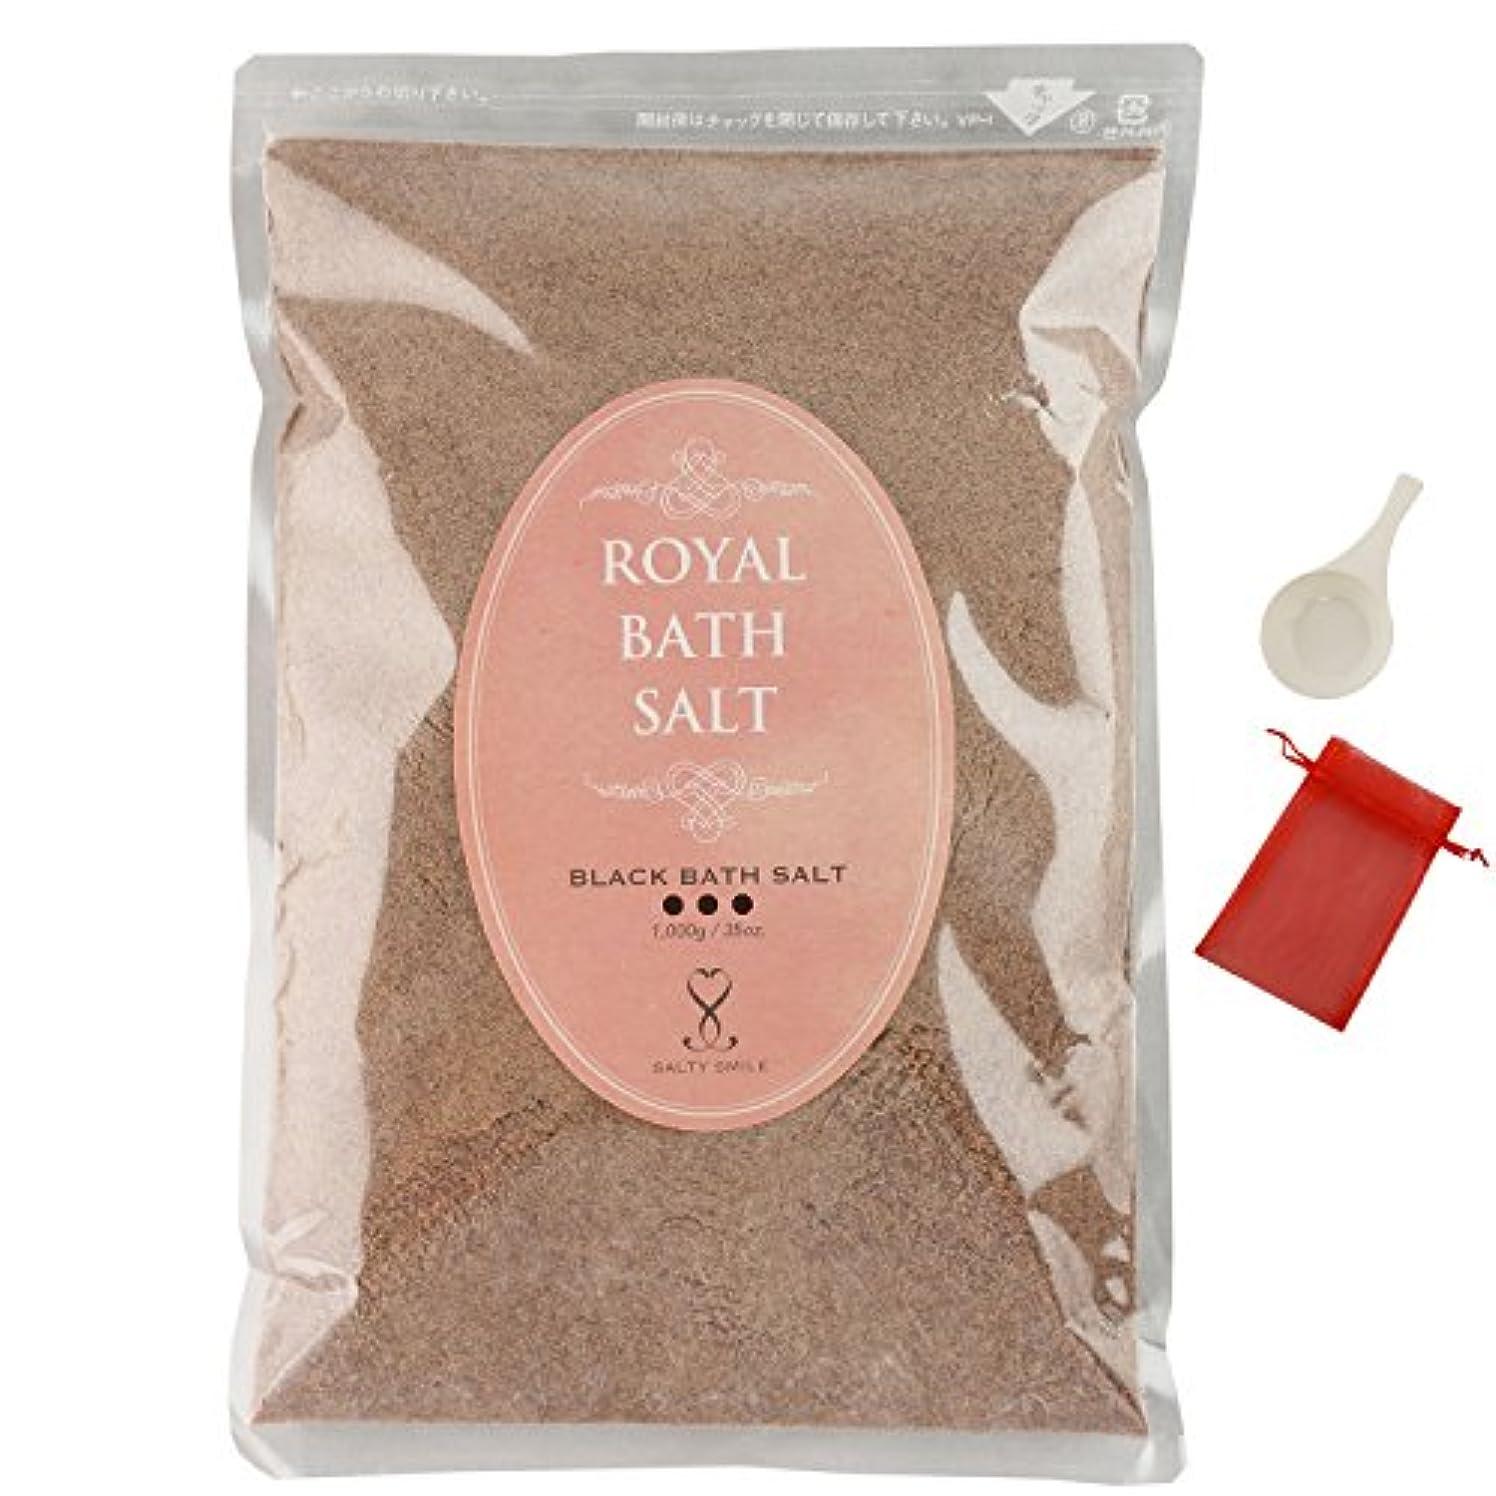 転送本気上流のロイヤルバスソルト ブラックパウダー 岩塩 ROYAL BATH SALT (1,000g【1㎏】)